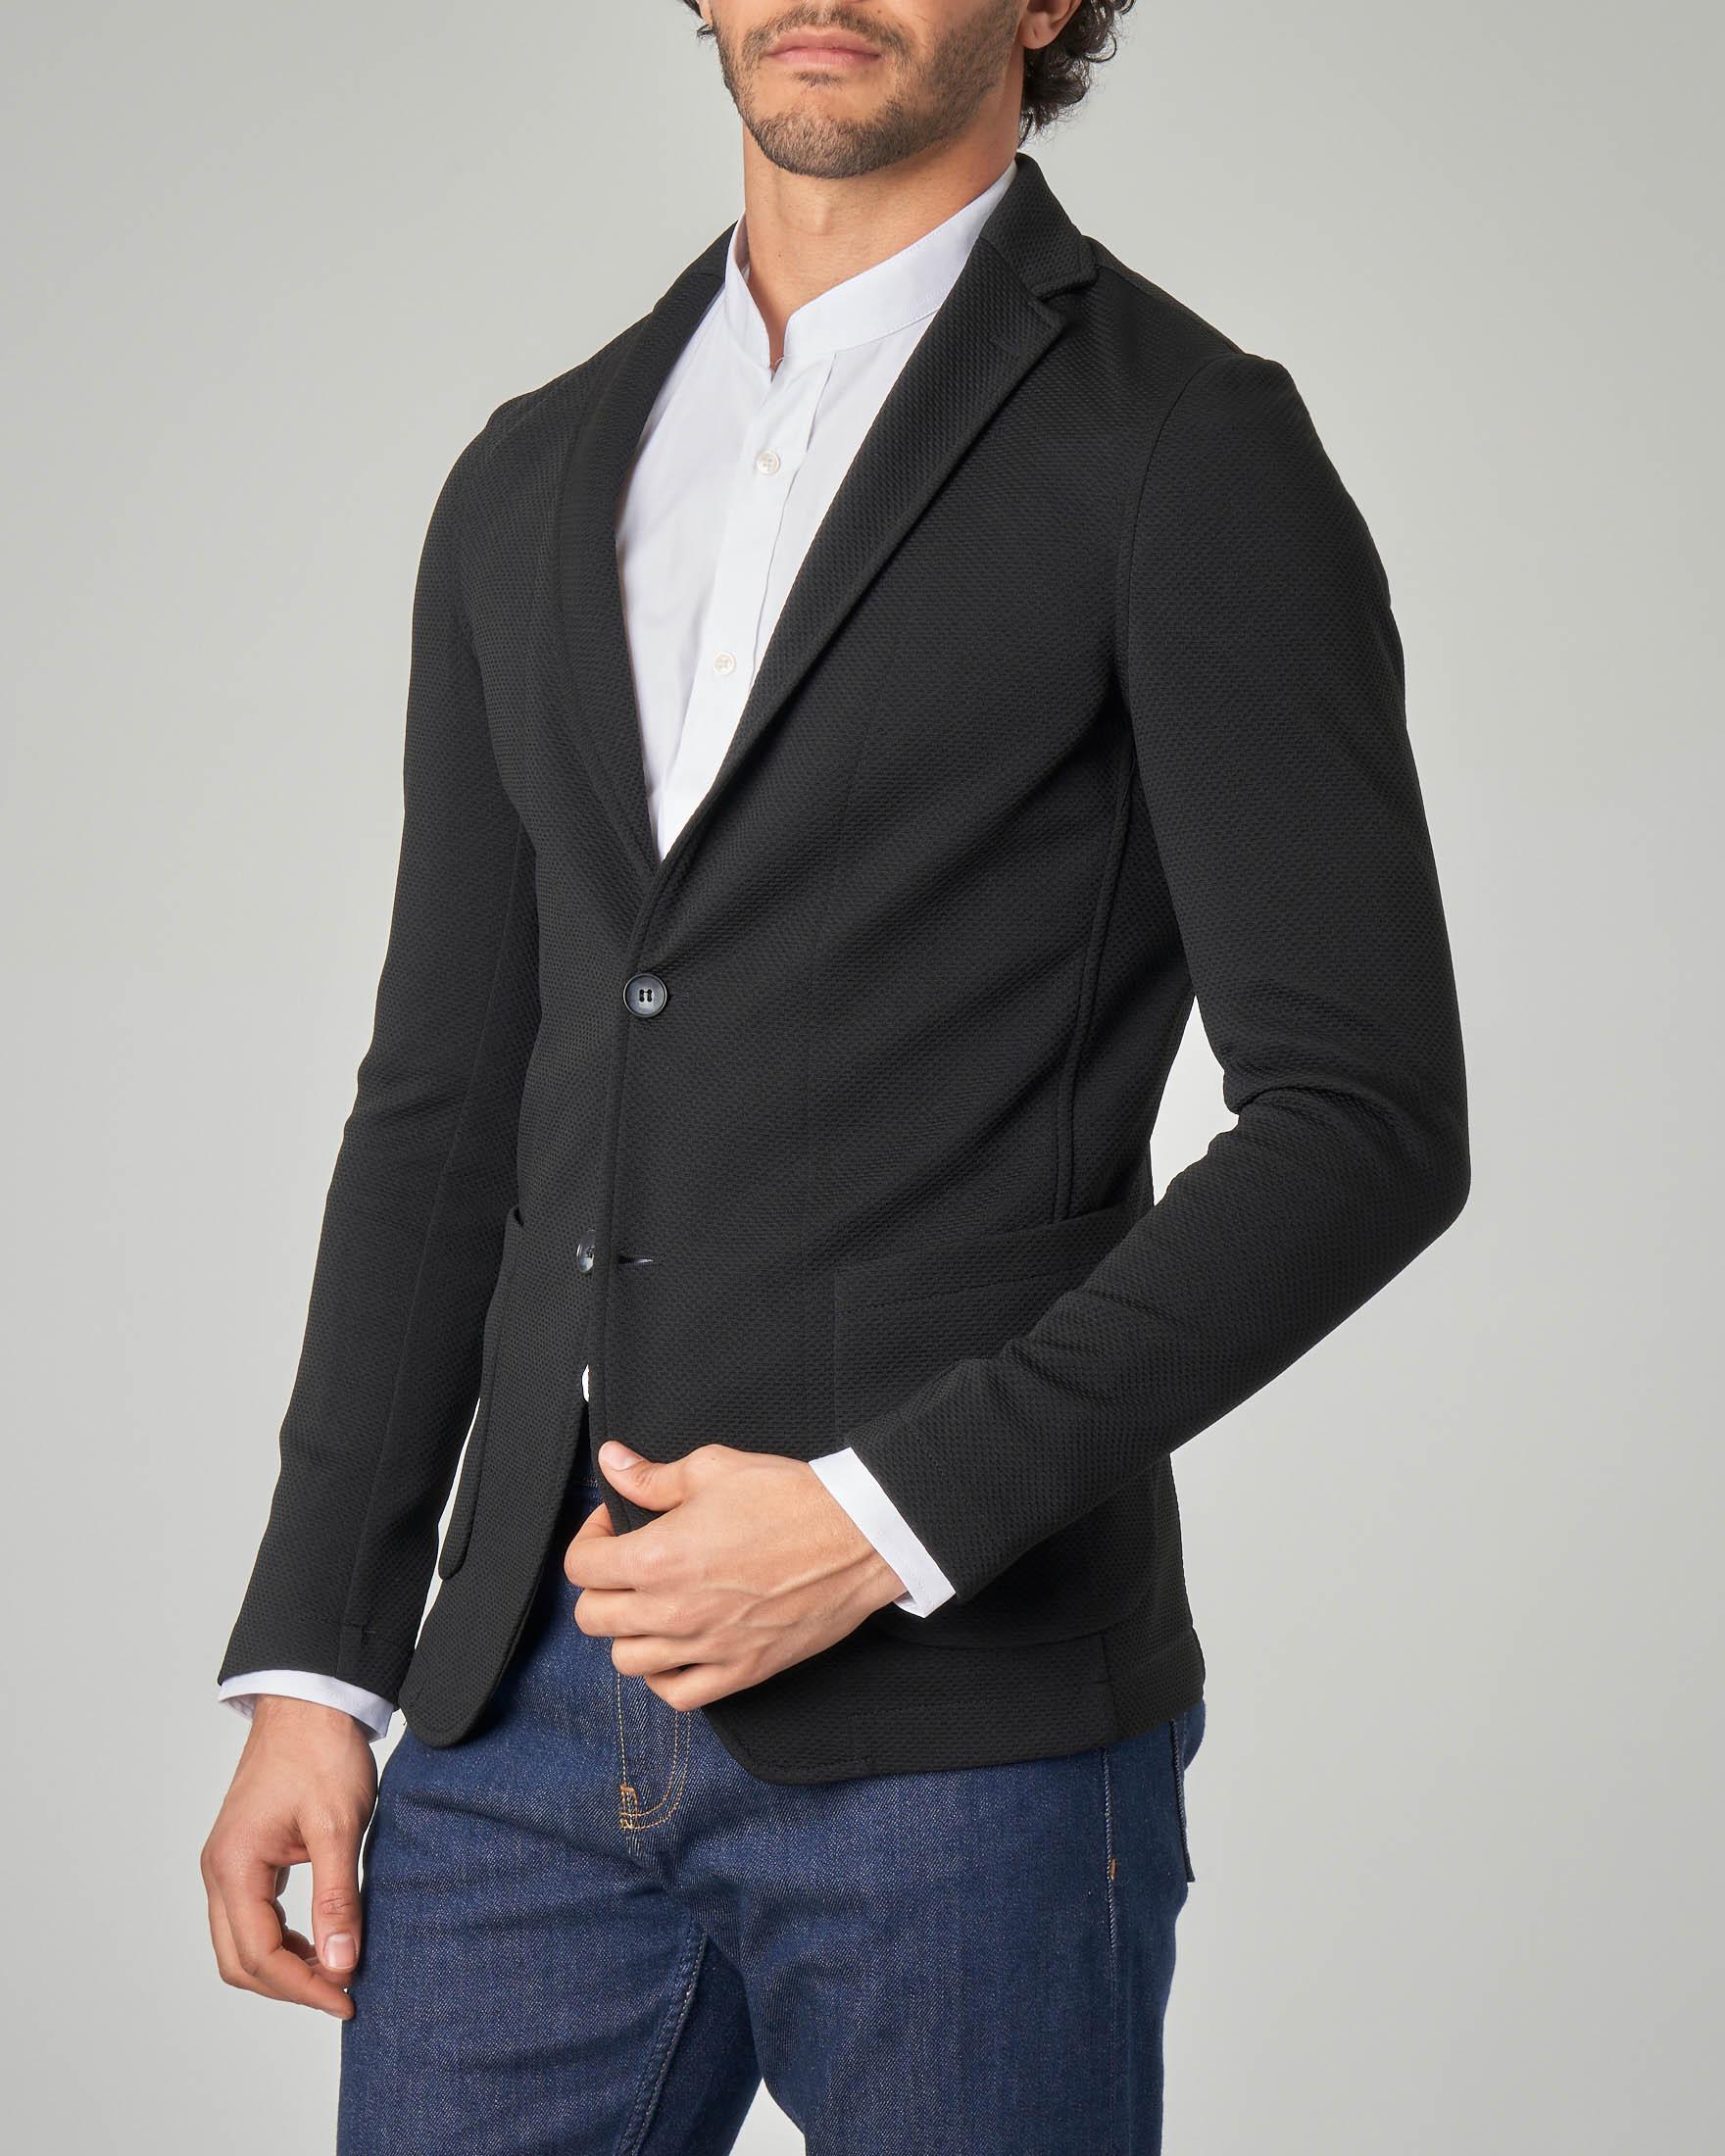 Giacca maglia nera in tessuto armaturato